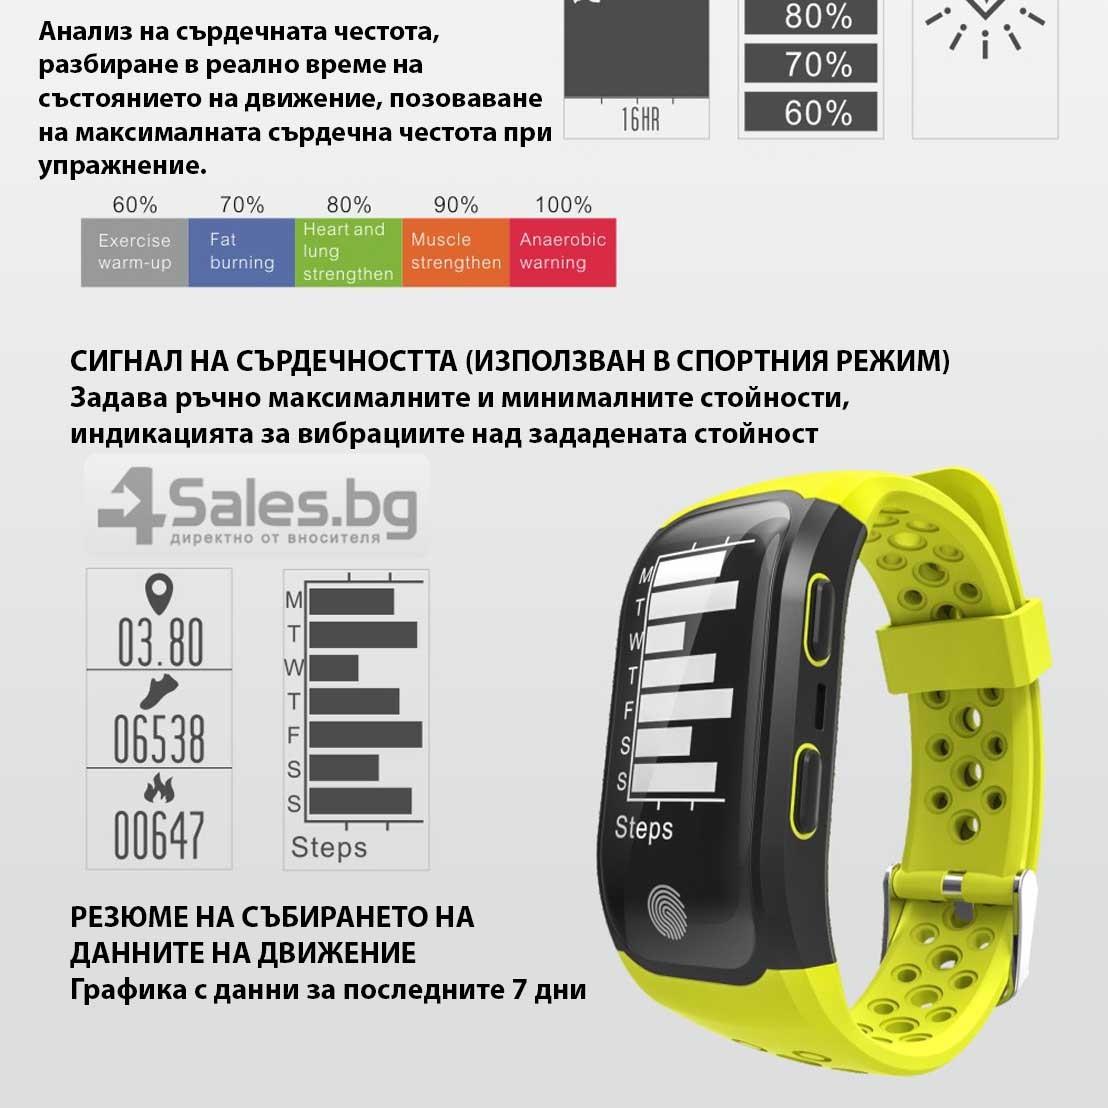 Водоустойчива смарт гривна S908 с крачкомер GPS измерване на сърдечен ритъм SMW18 17